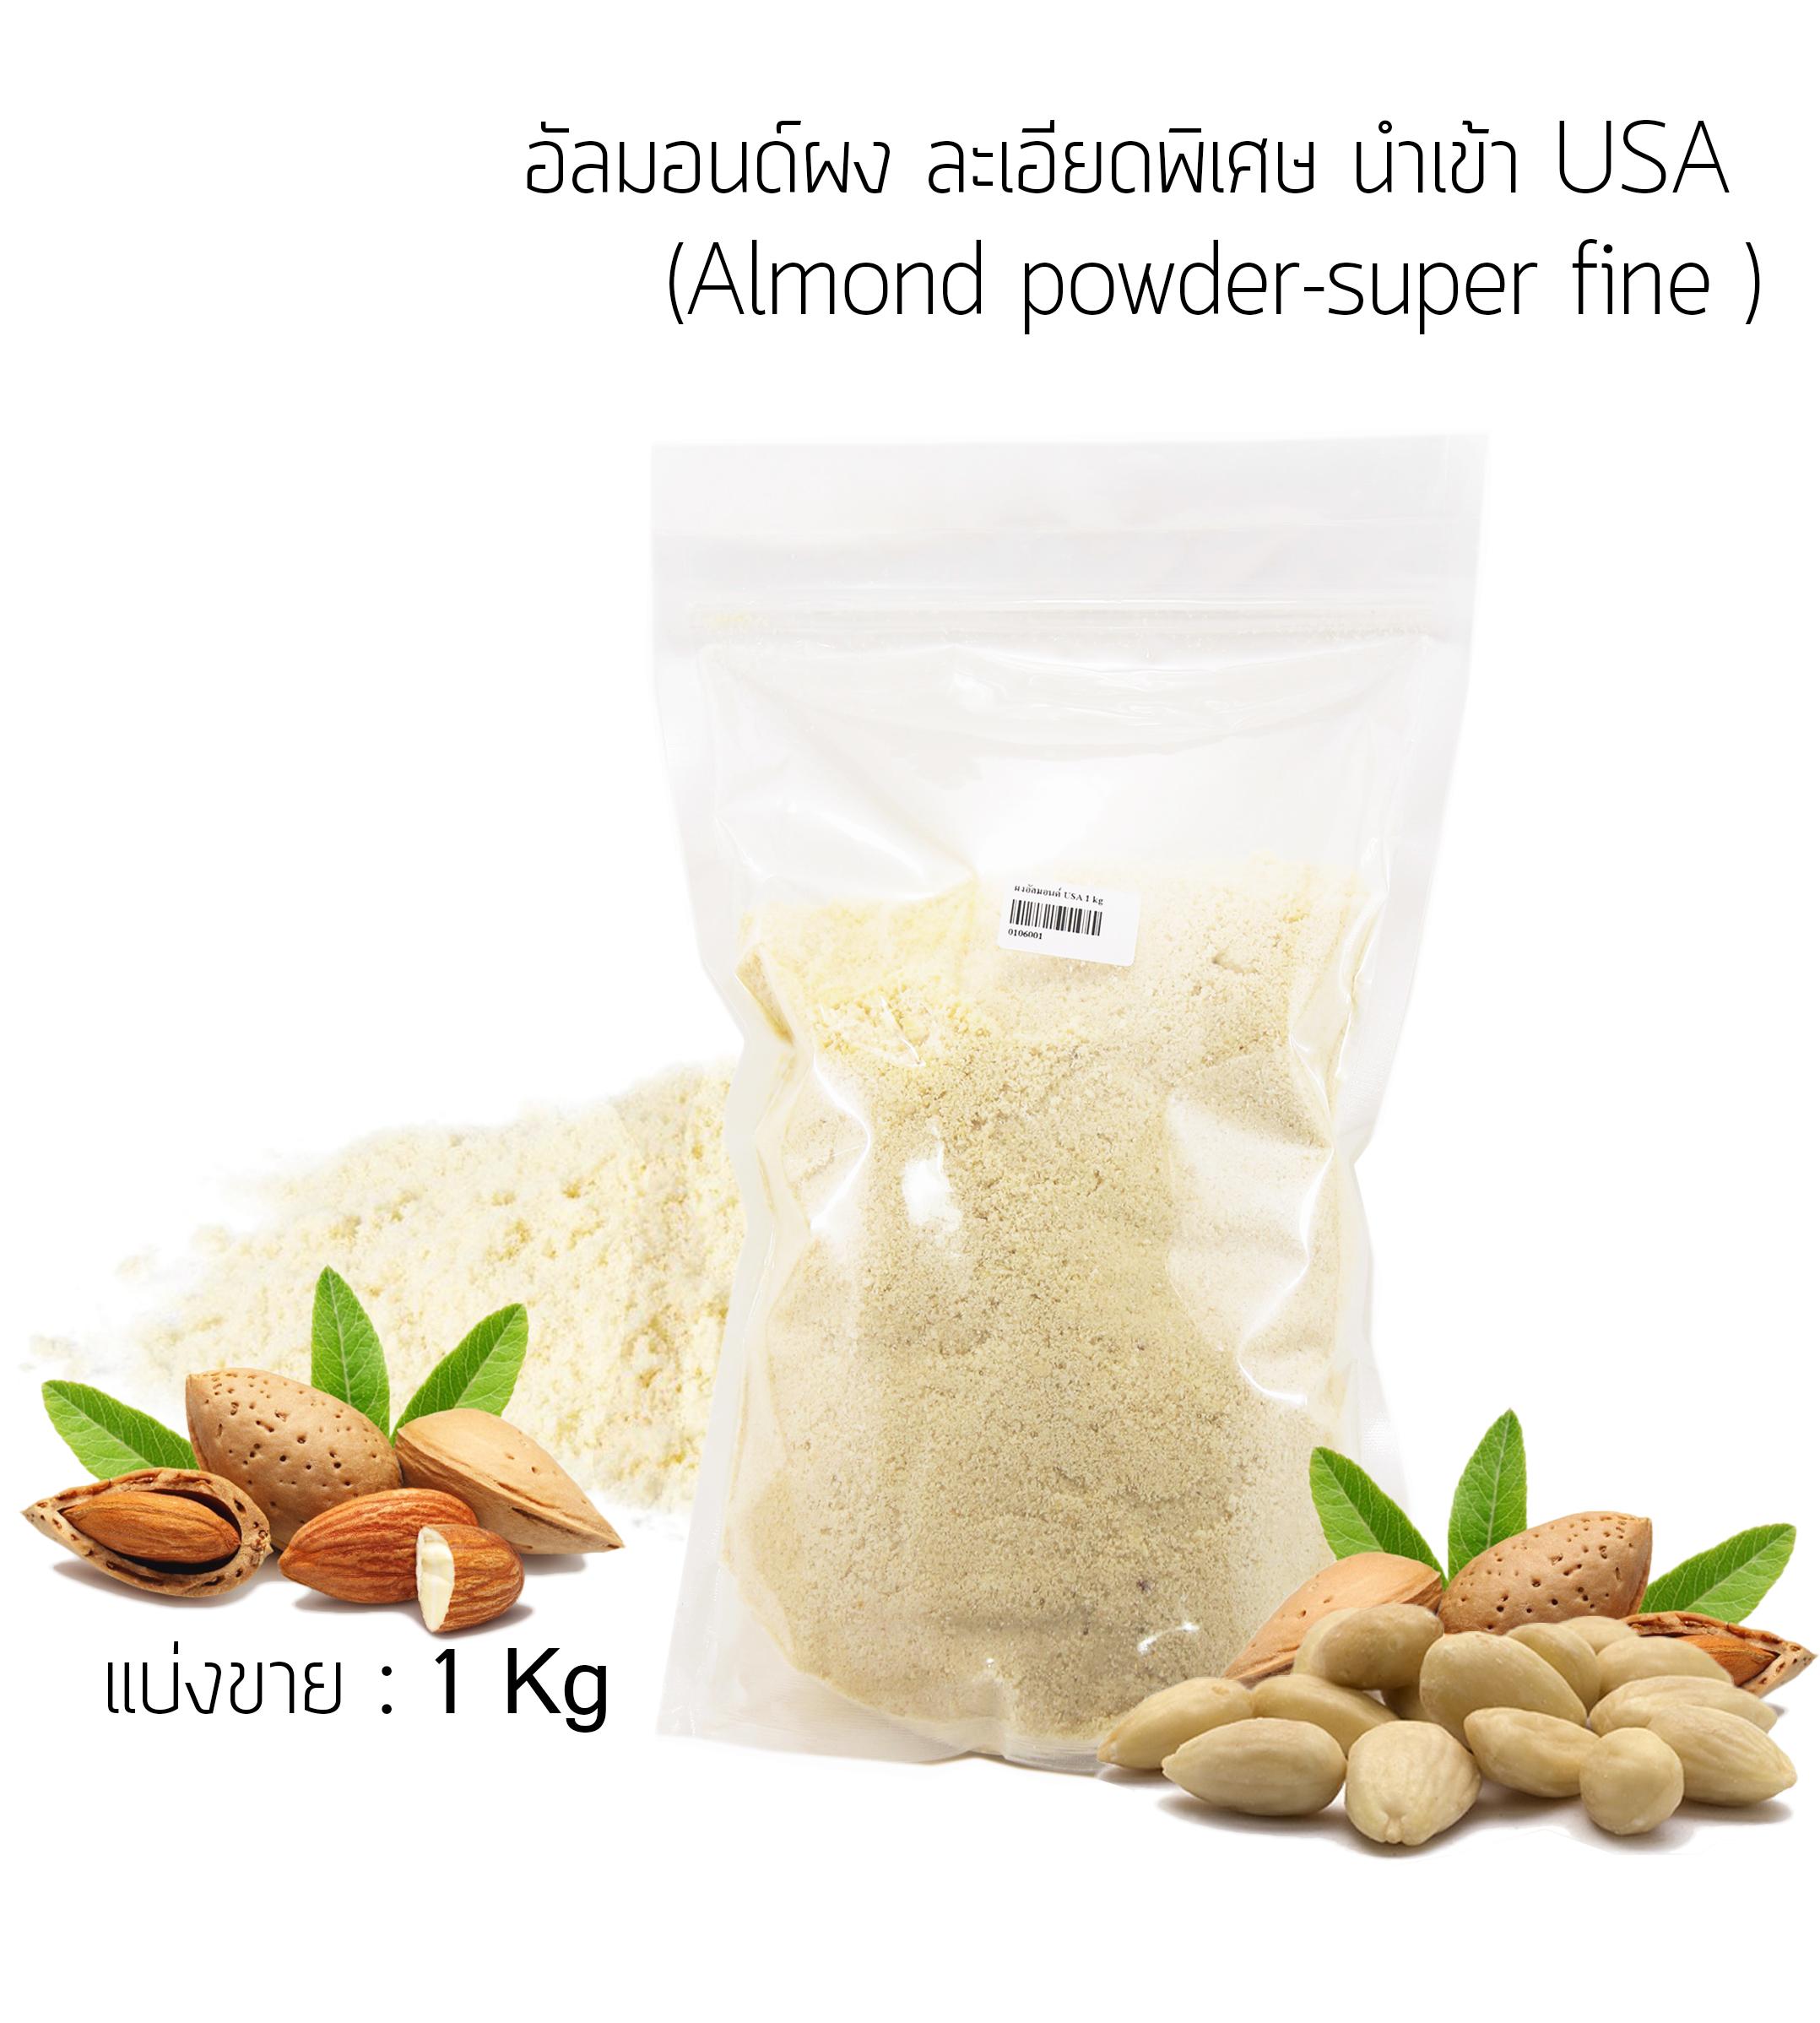 อัลมอนด์ผง ละเอียดพิเศษ นำเข้า USA (Almond powder-super fine) แบ่งขาย : 1 kg.